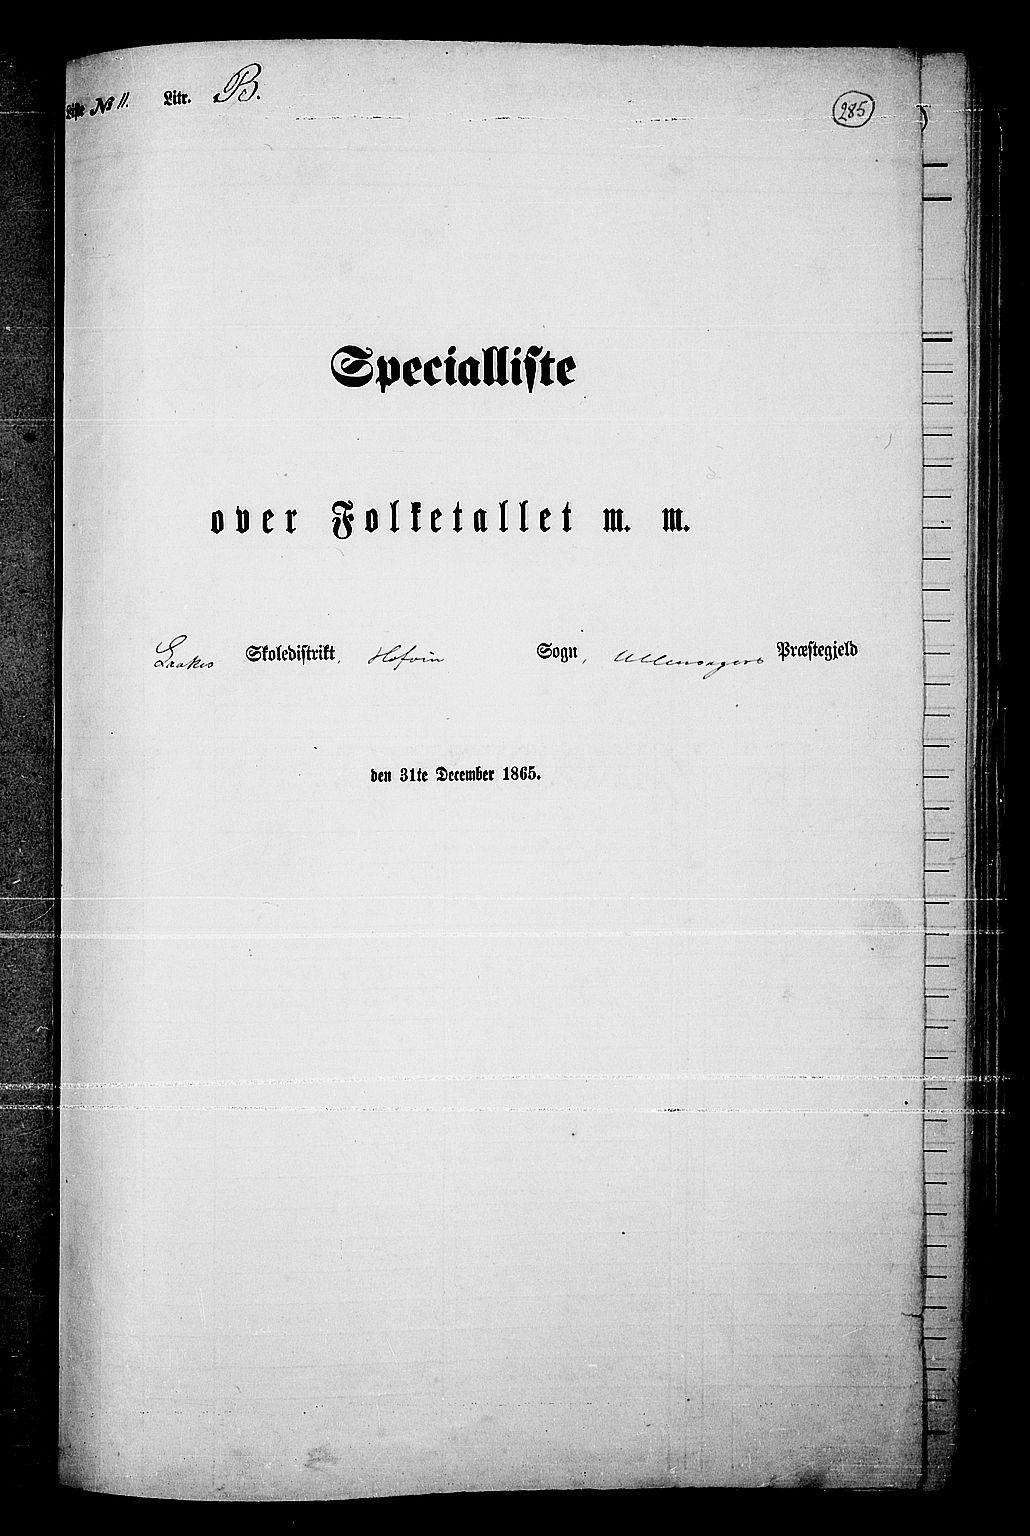 RA, Folketelling 1865 for 0235P Ullensaker prestegjeld, 1865, s. 251